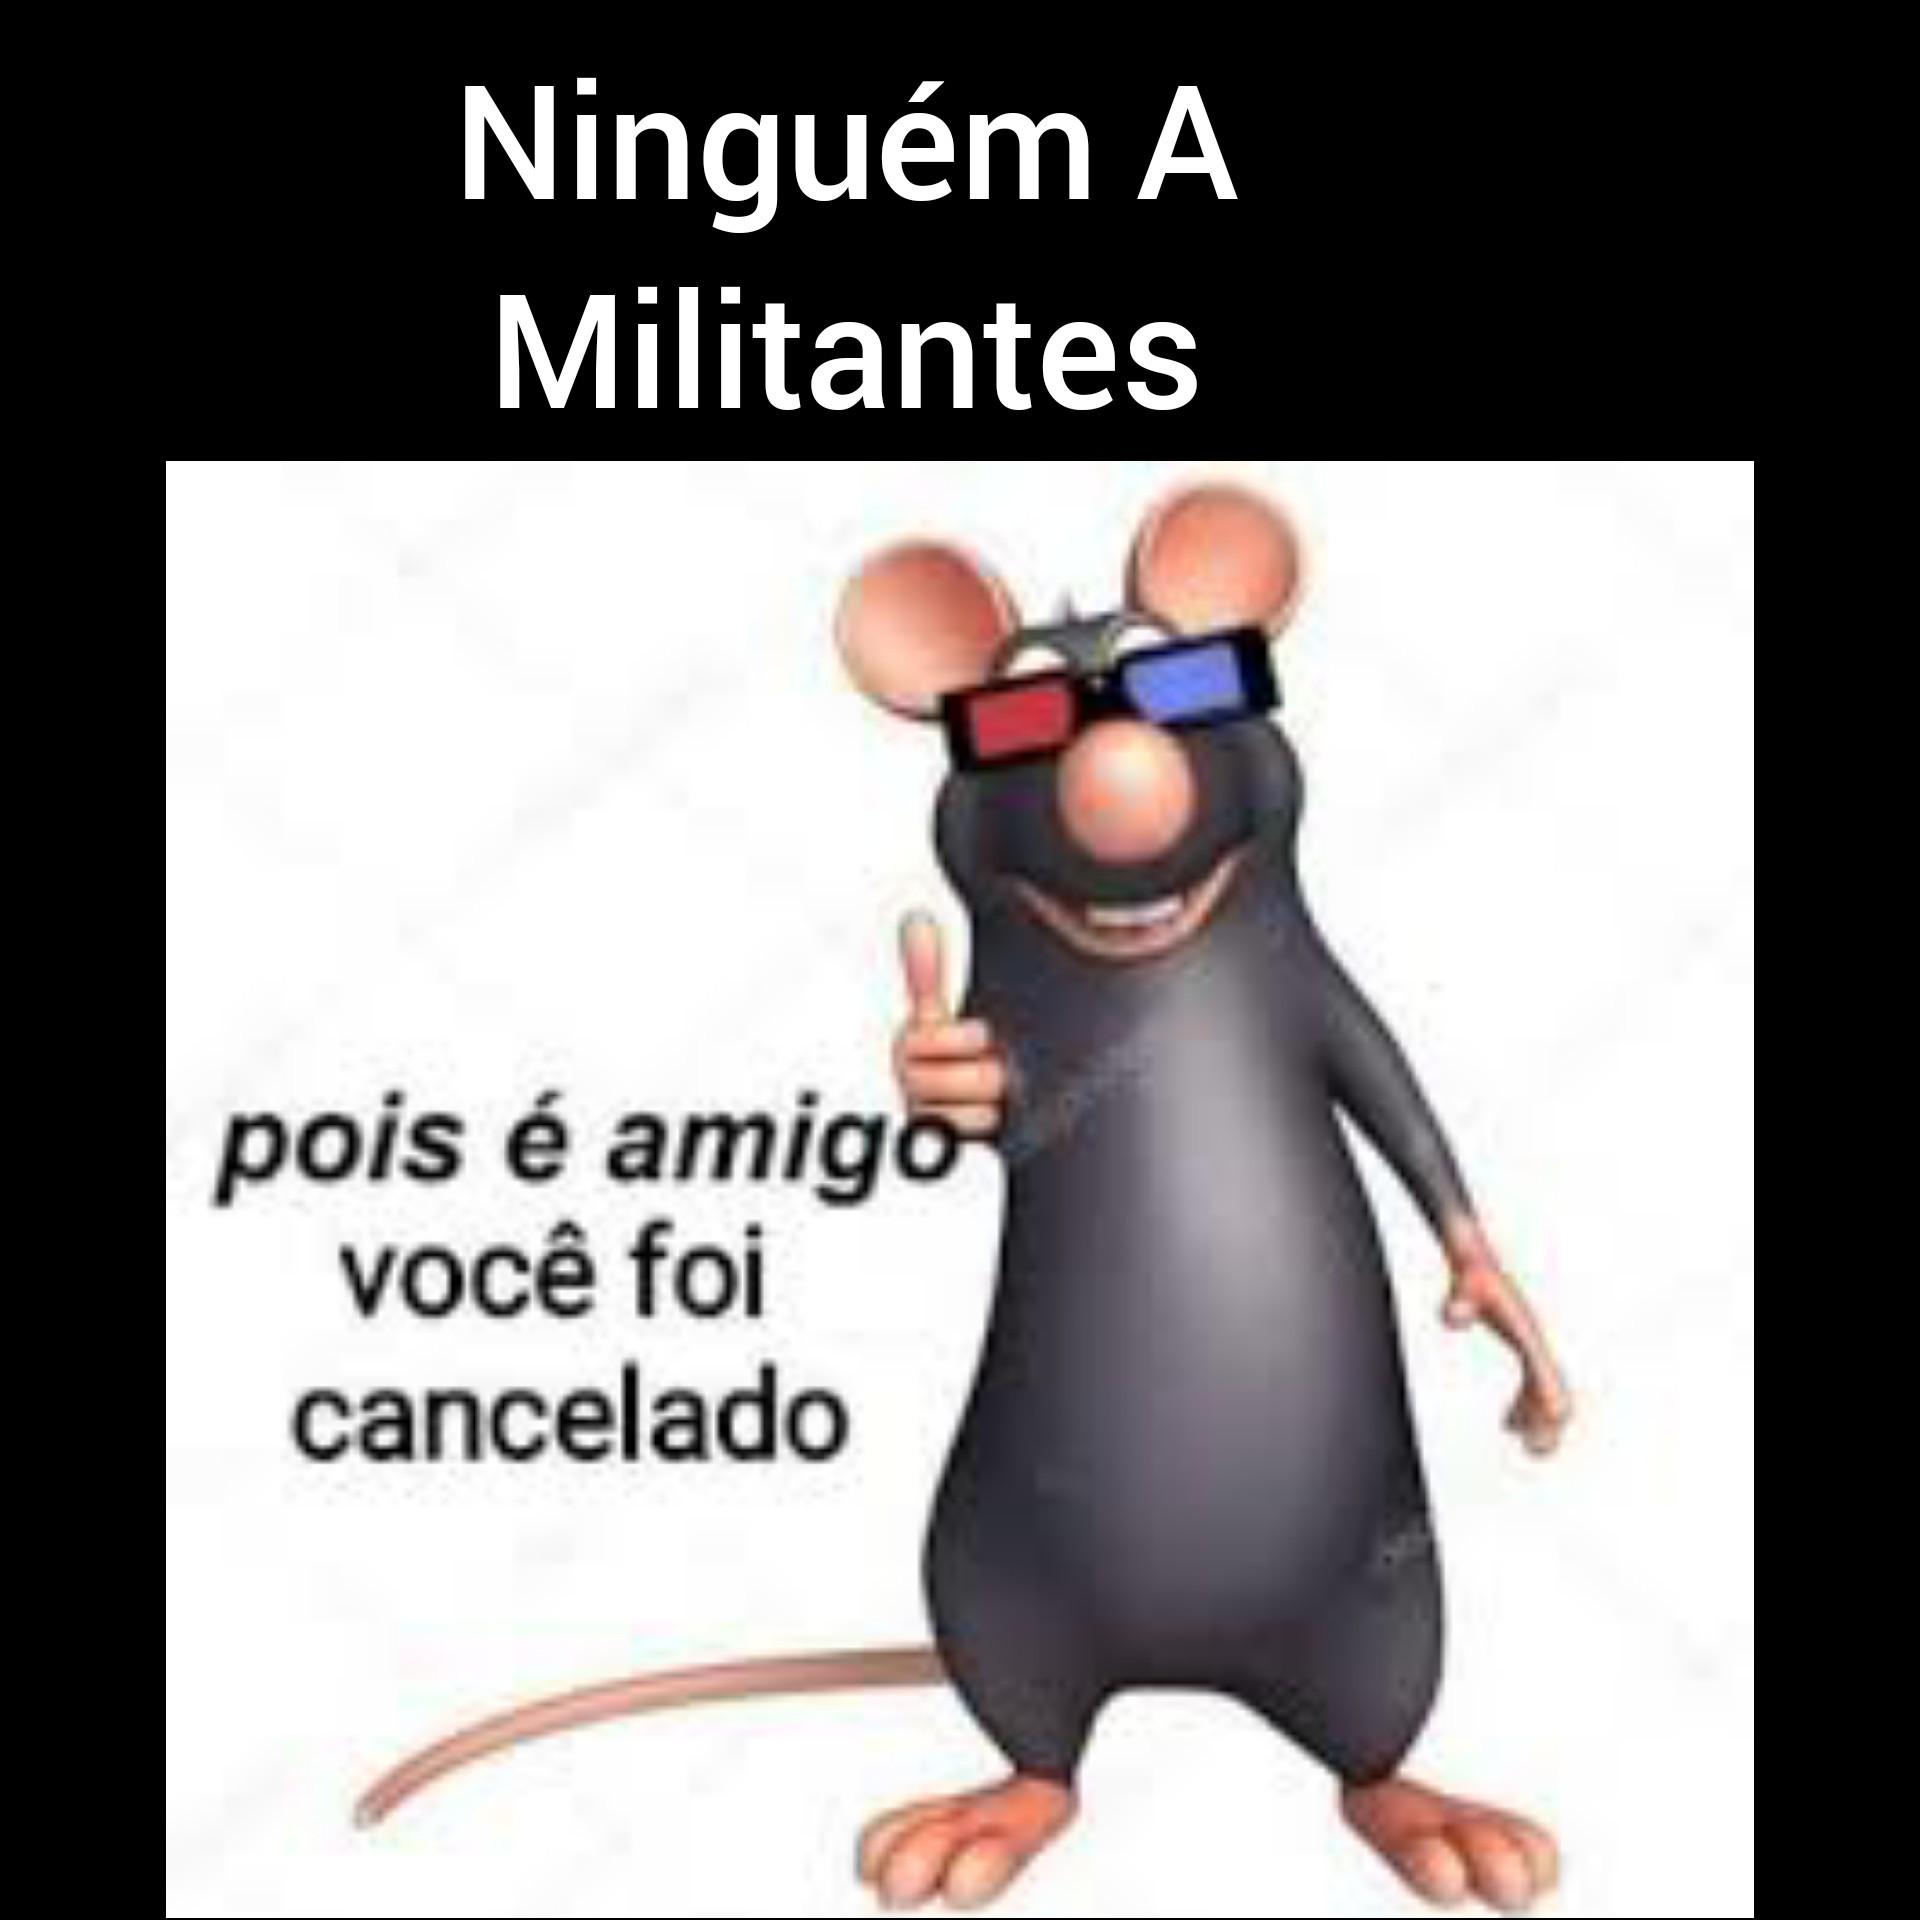 VOCÊ FOI CANCELADO - meme